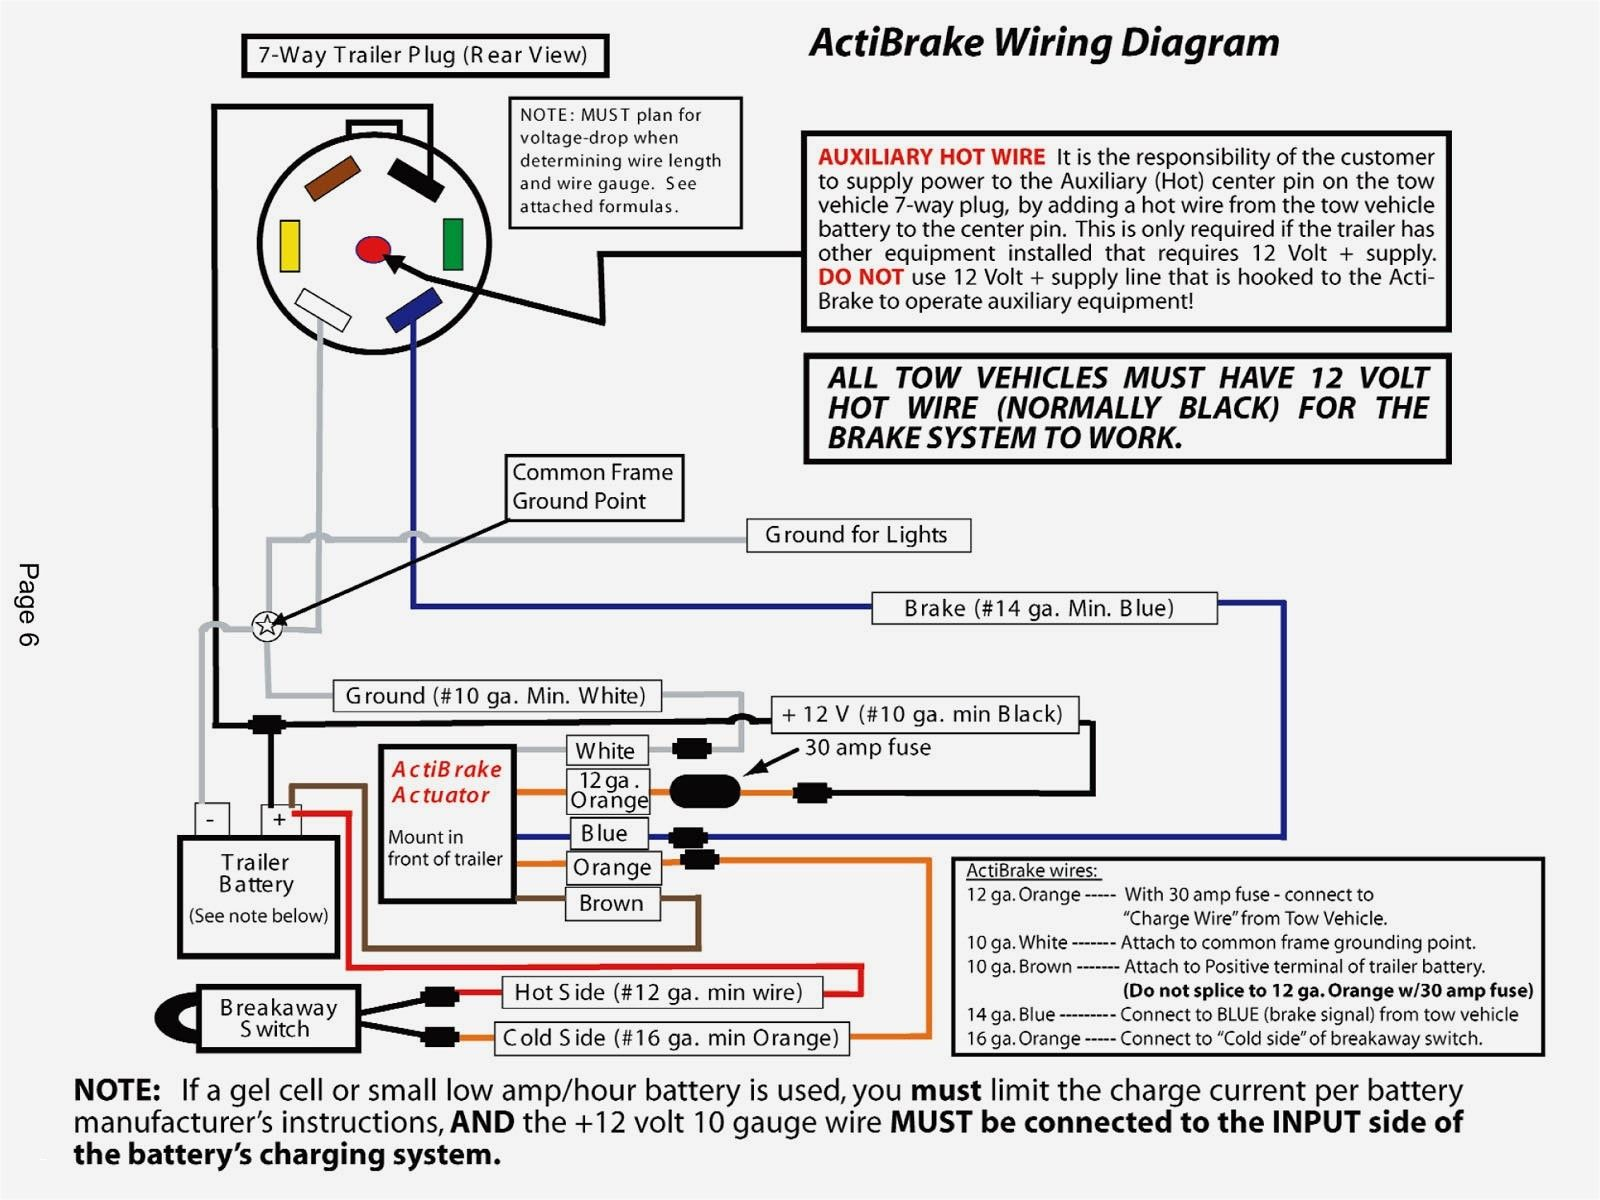 40 Trailer Brake Controller Wiring Diagram New Jersey In 2021 Trailer Wiring Diagram Diagram Trailer Light Wiring